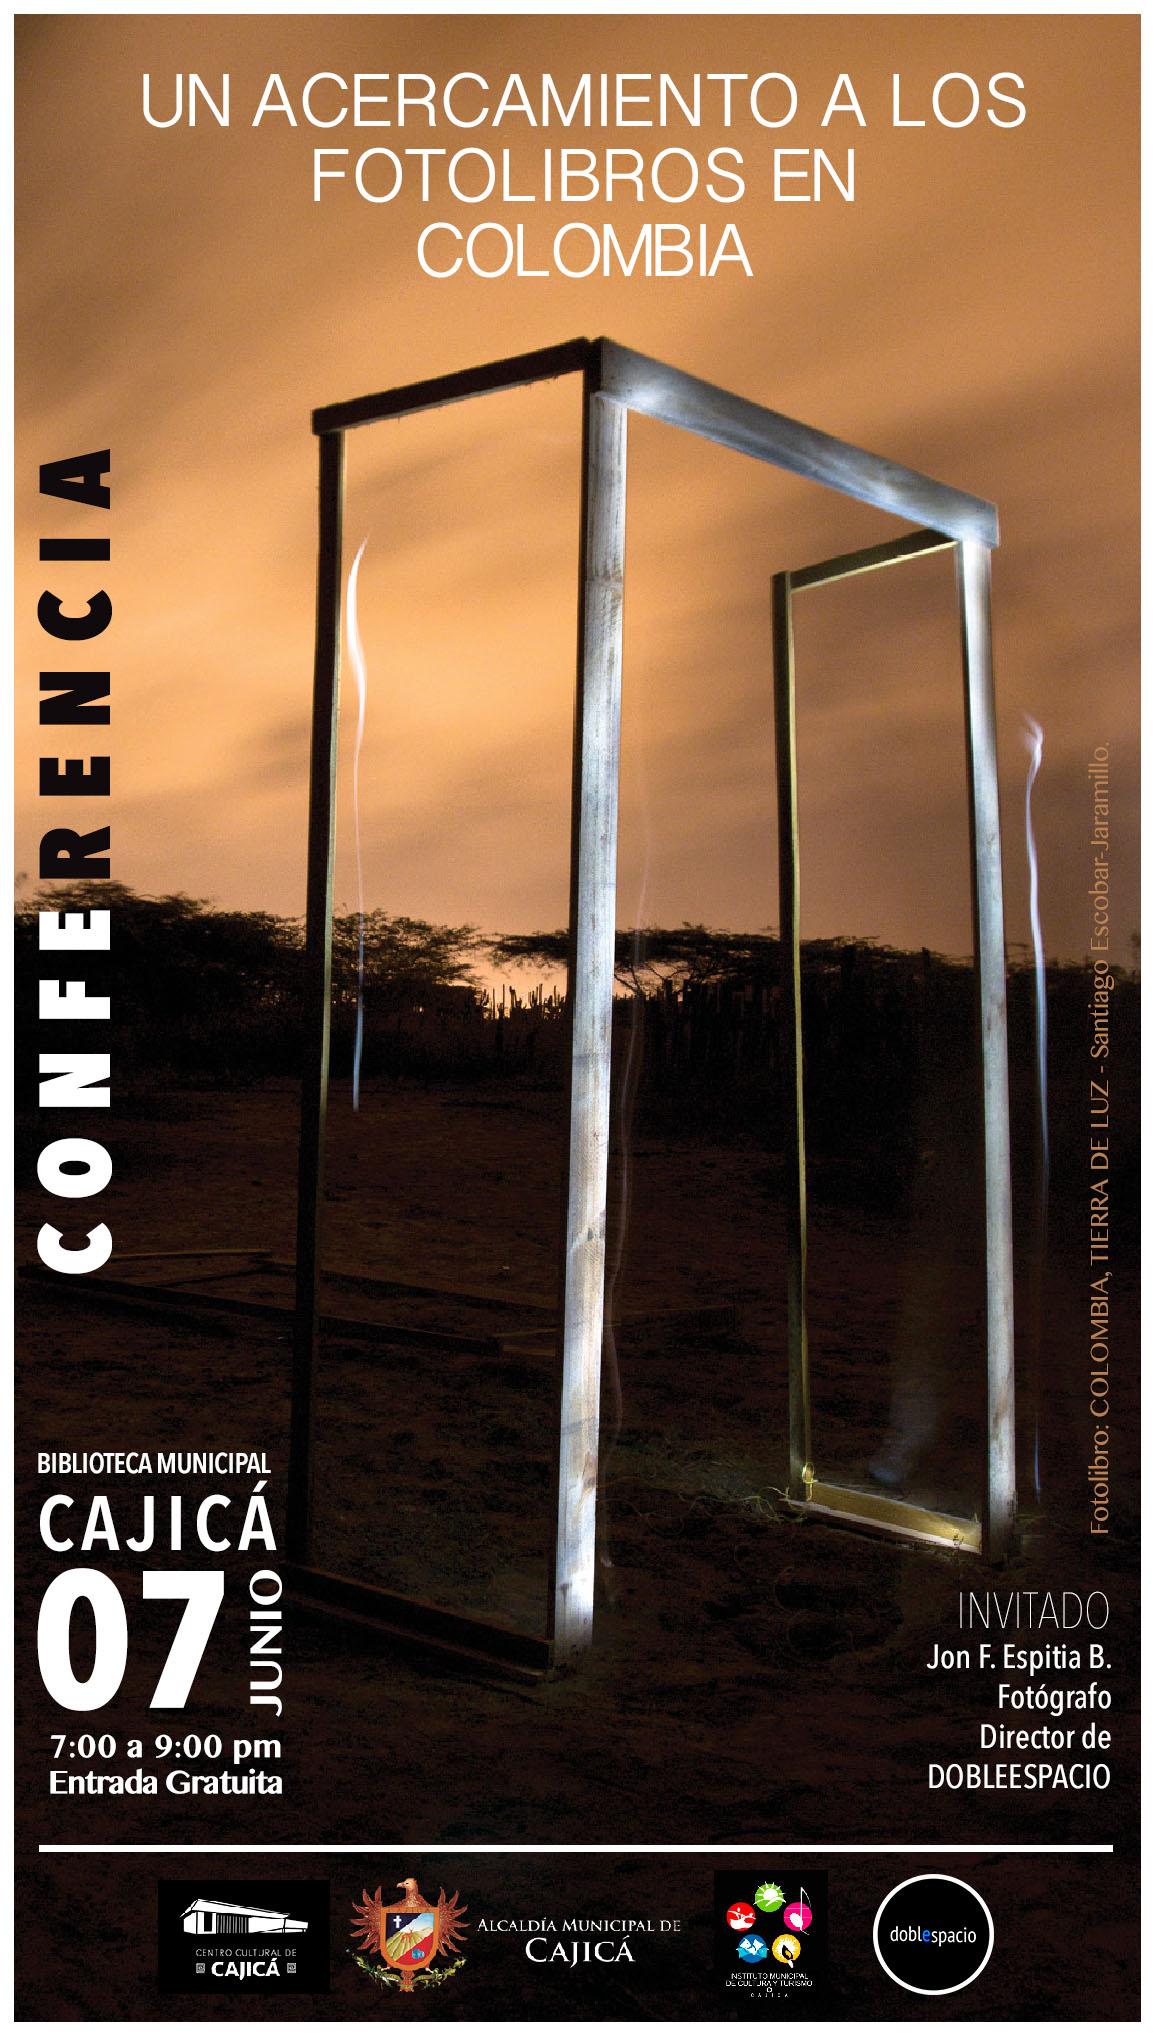 INVITACIÓN CAJICÁ,dobleespacio,fotolibroscolombianos,fotolibros, photobooks.jpg